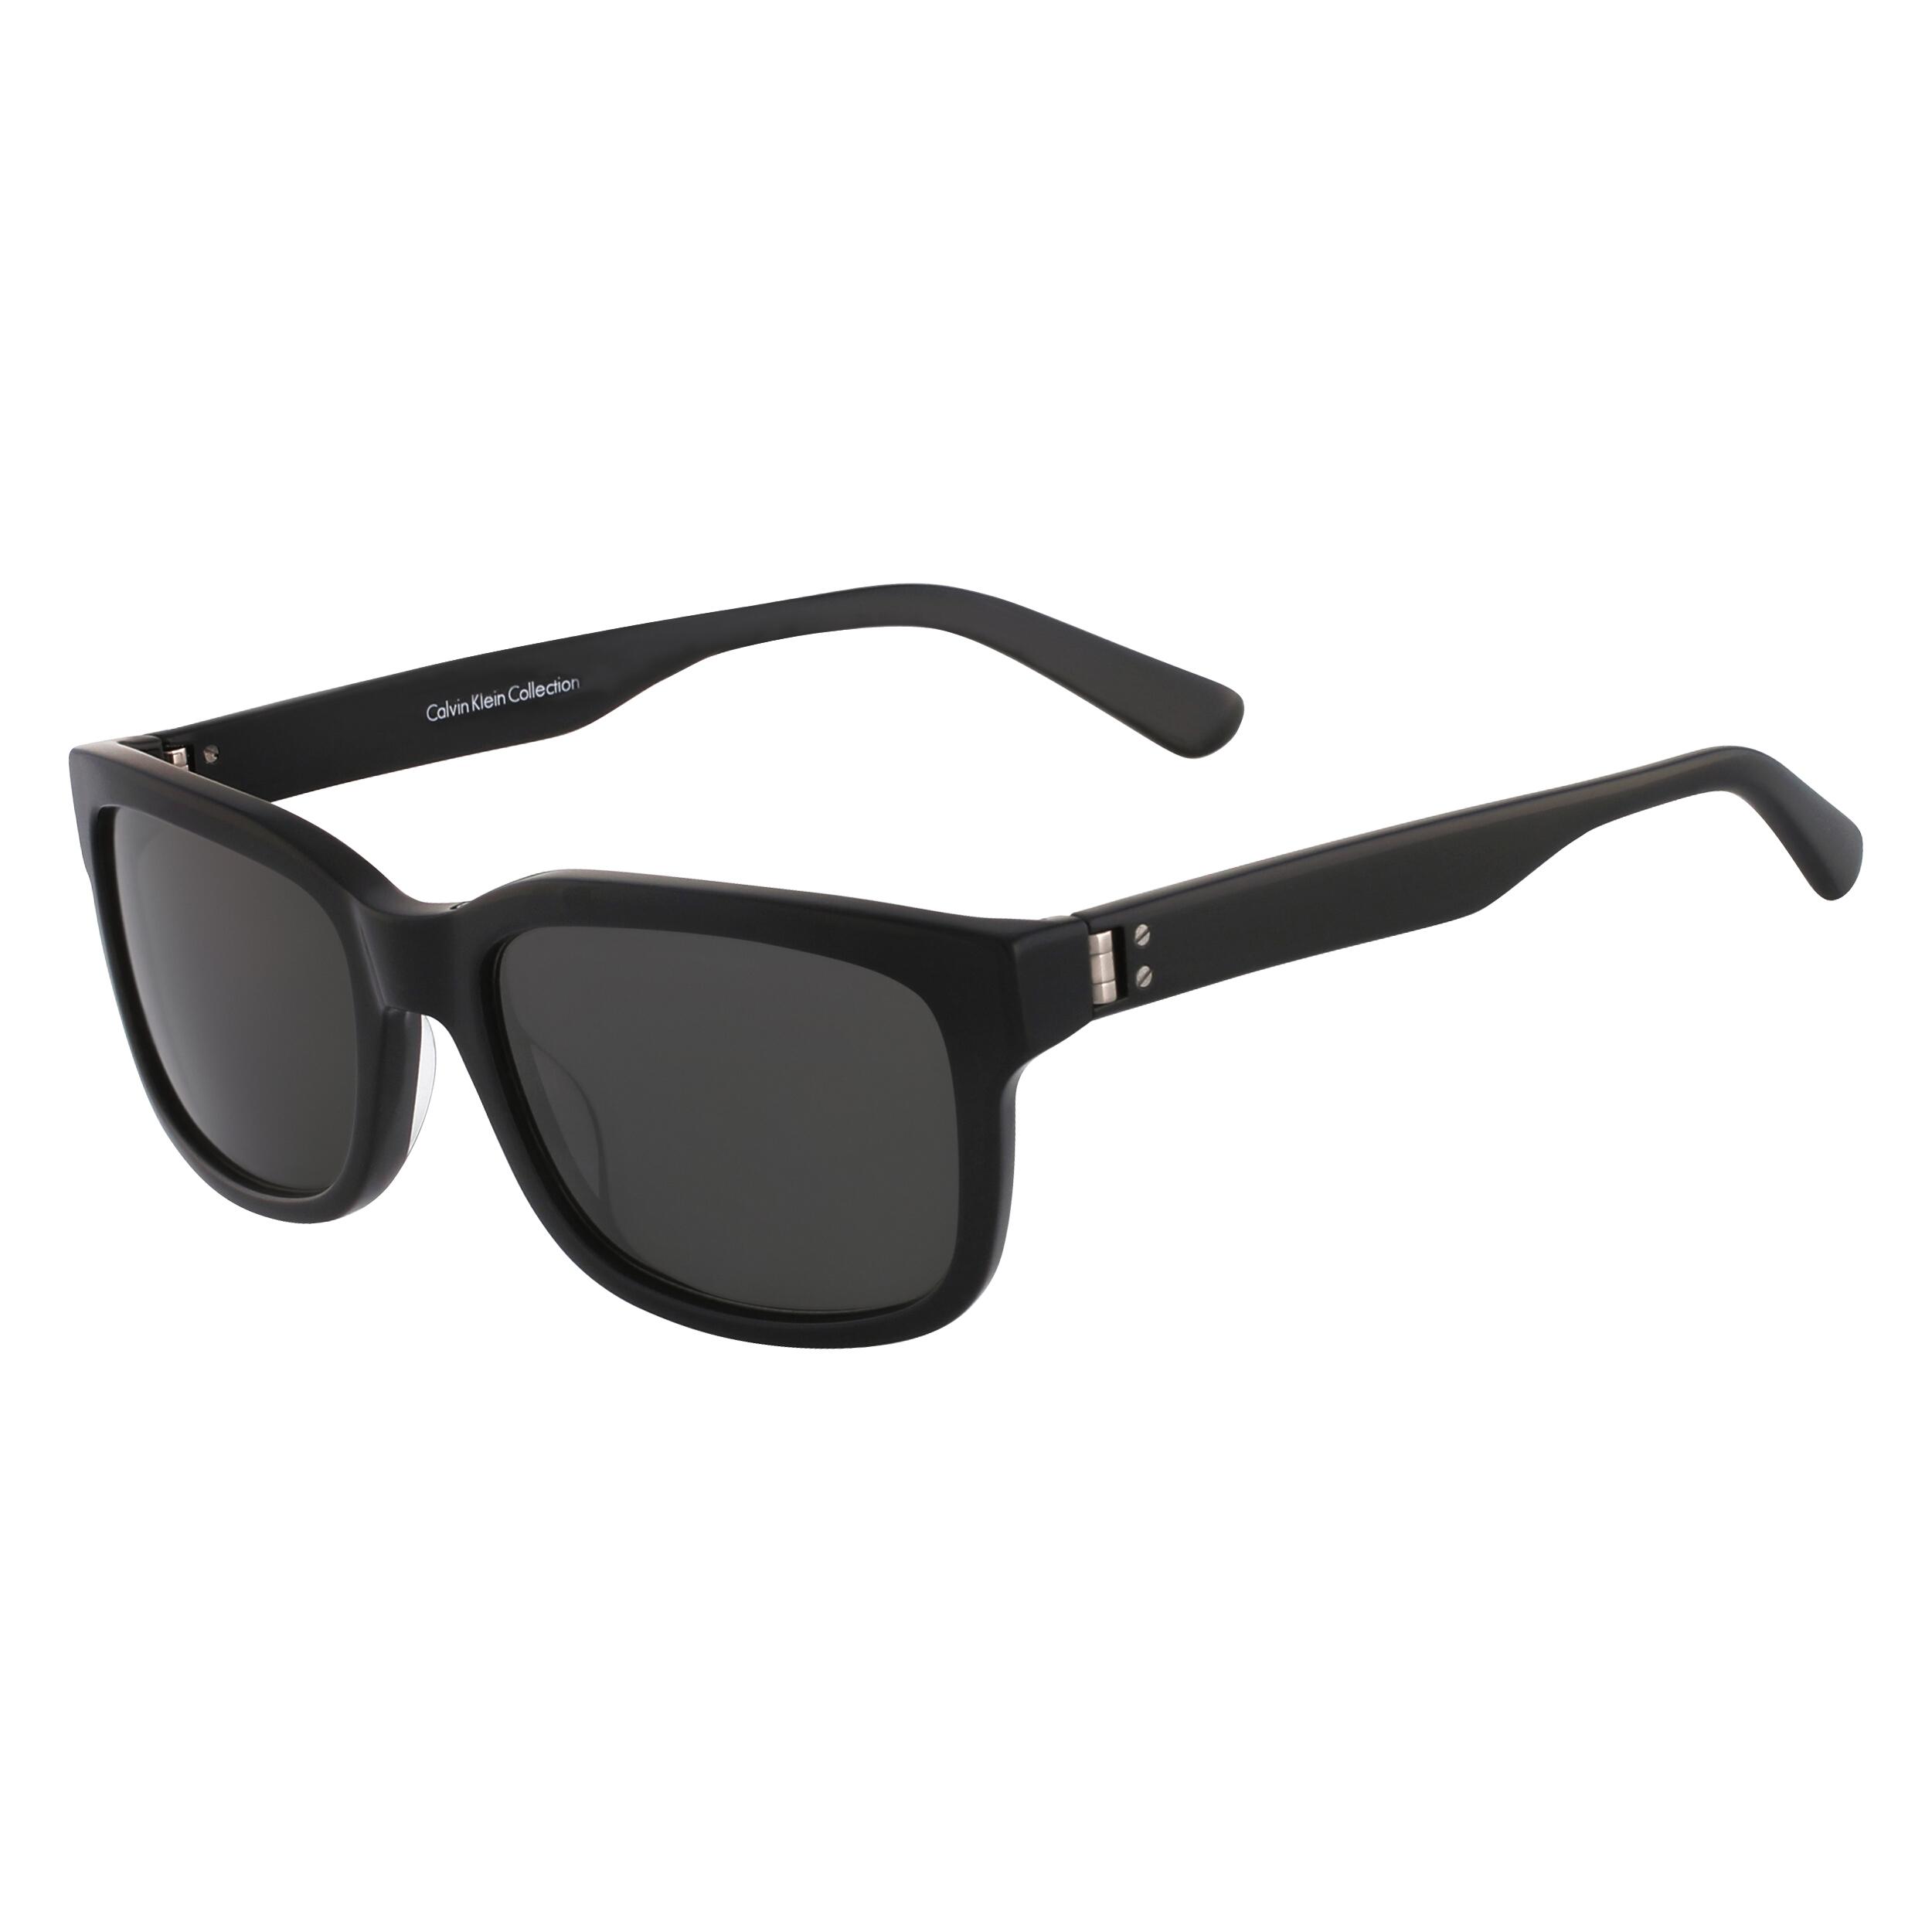 722a6b00a8 Calvin Klein Collection CK7964S Sunglasses CK7964S-001 - WATCH SHOP ...